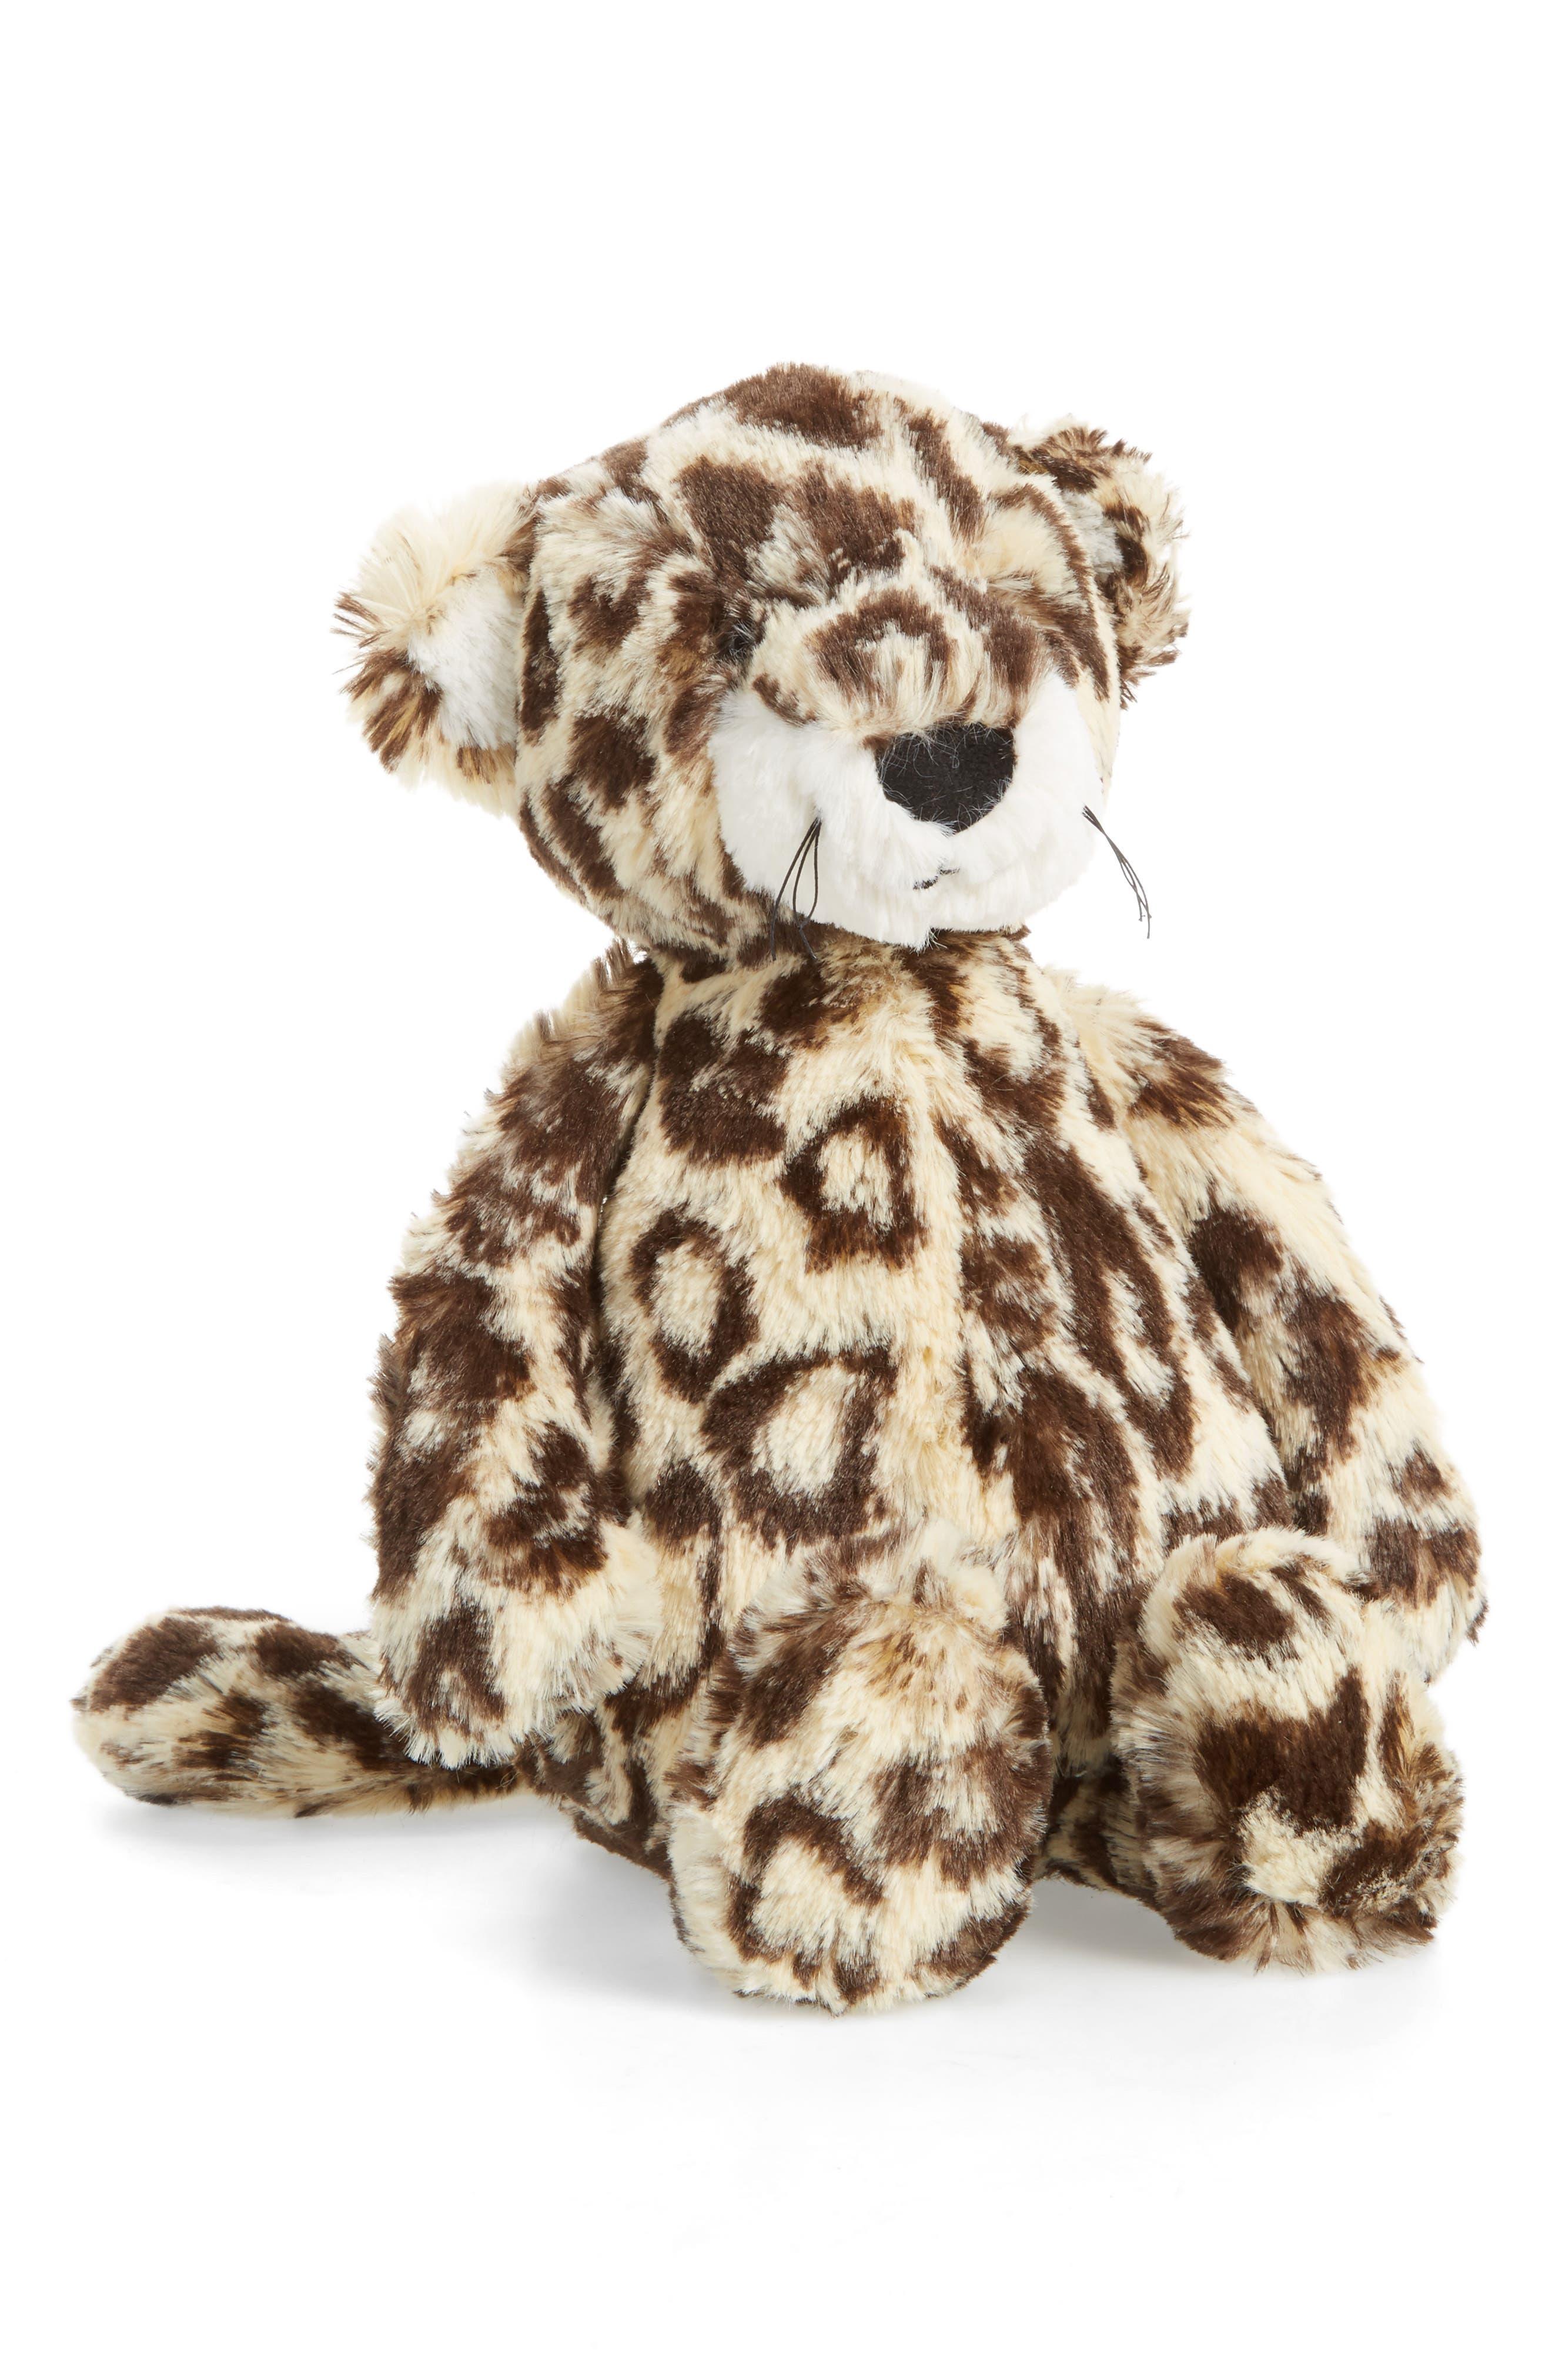 Main Image - Jellycat Bashful Leopard Stuffed Animal